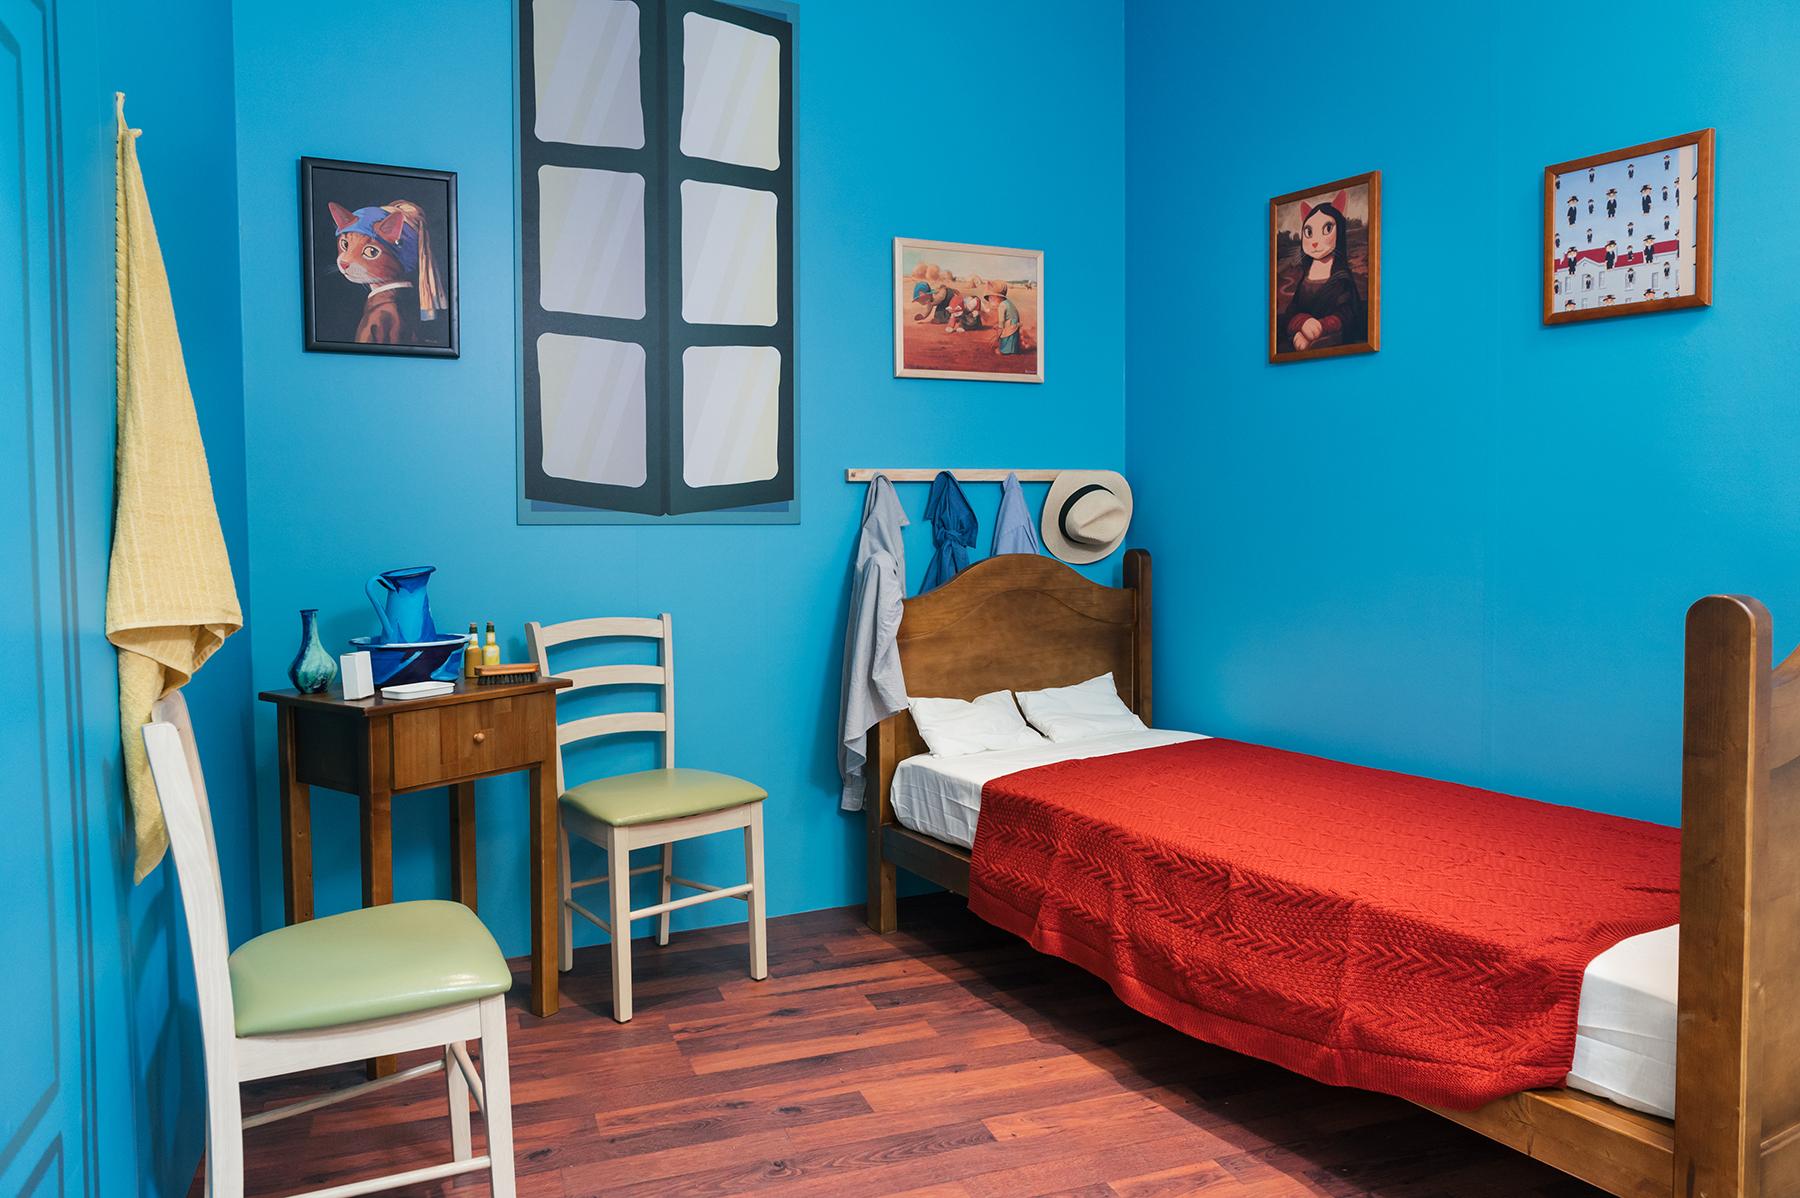 展場除了展出60幅原畫,同時也將畫作變成實體裝置,走進「梵谷貓的房間」,跟著喵谷展出最藝術的POSE!